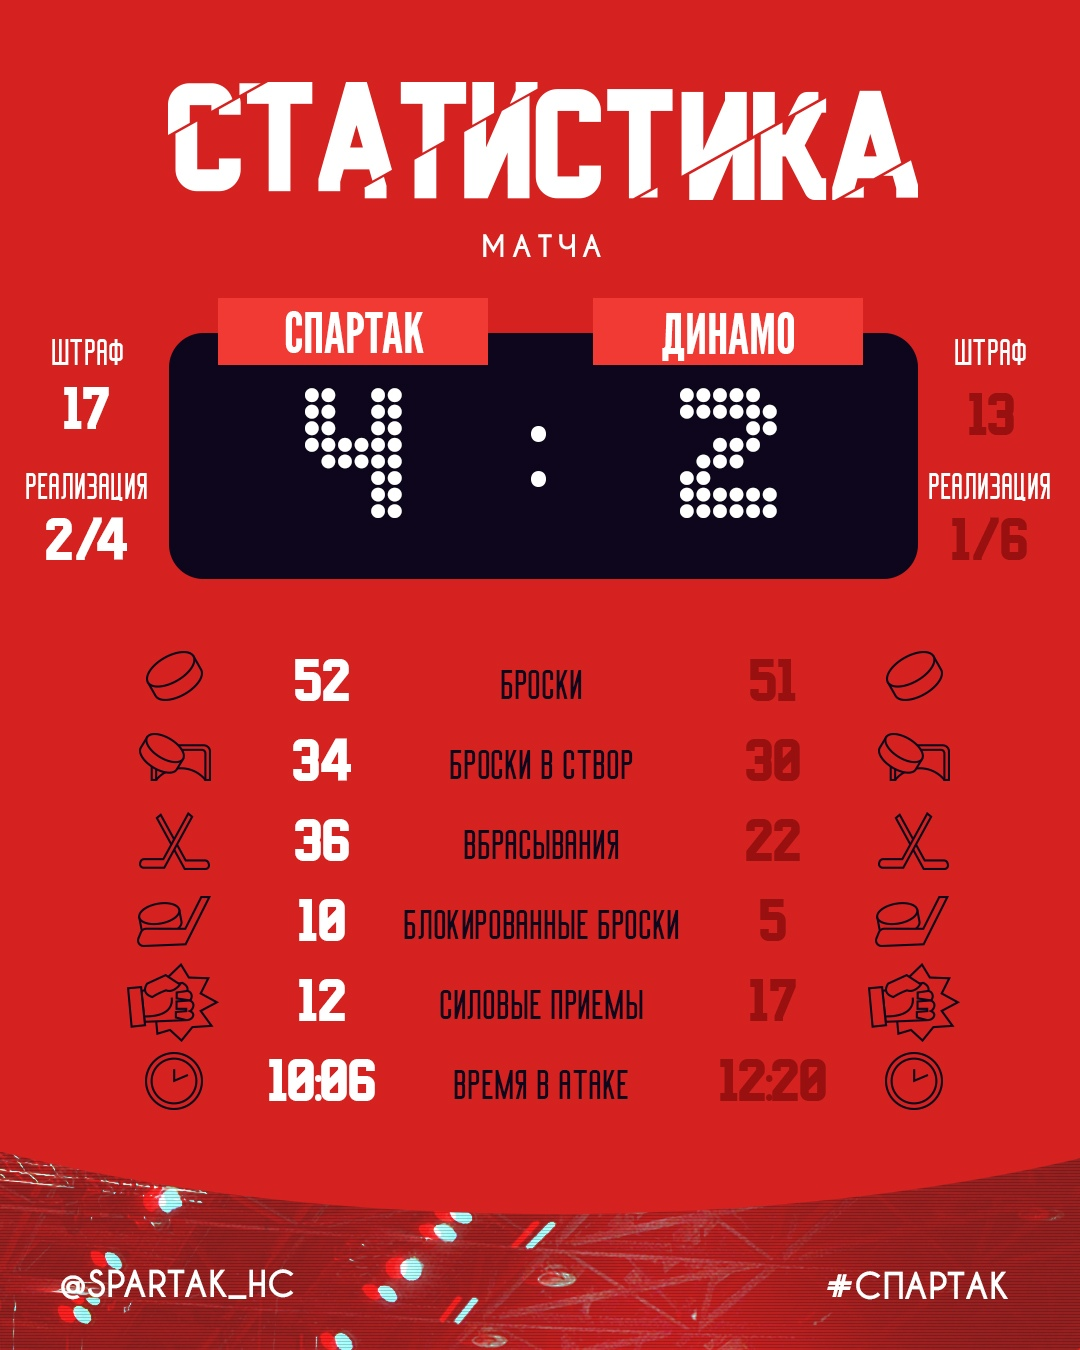 Статистика матча «Спартак» - «Динамо» (4:2)